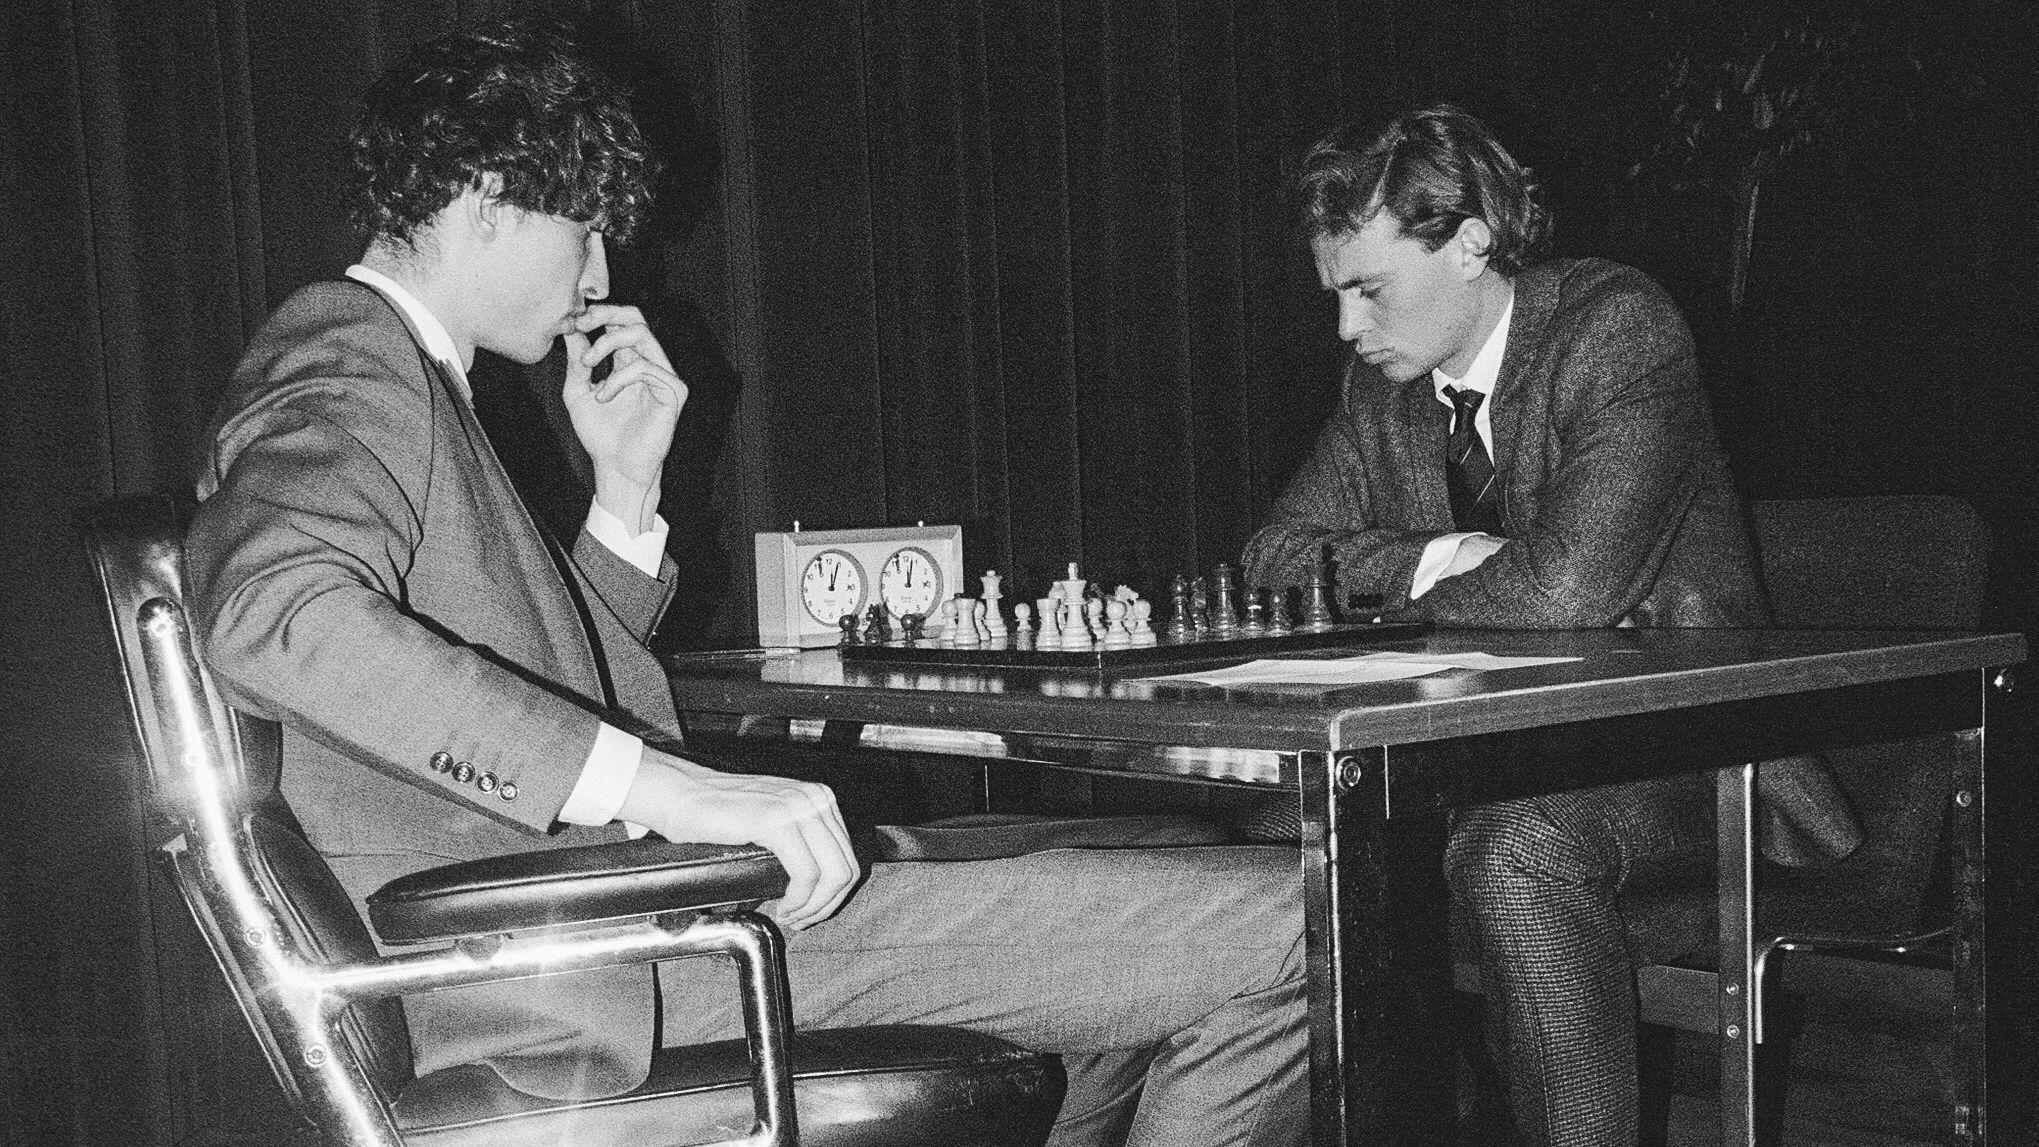 Zwei Männer sitzen sich beim Schach gegenüber. Sie blicken konzentriert auf das Spiel.